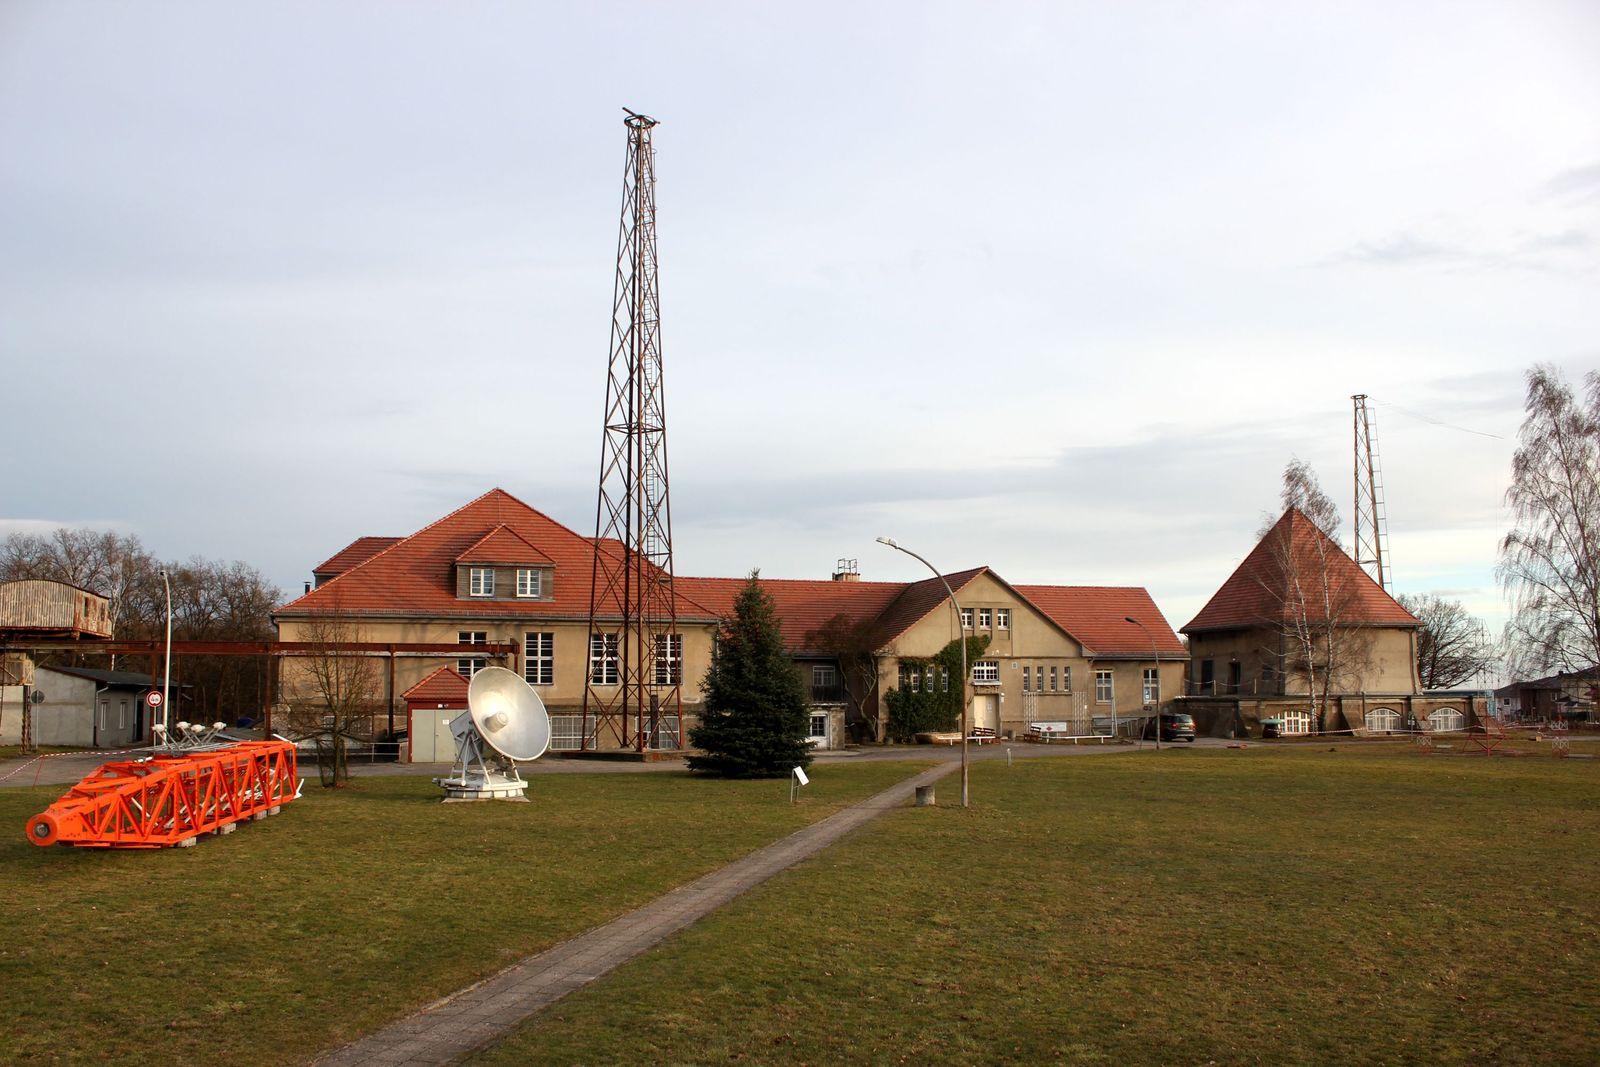 005_Senderhaus1_2020